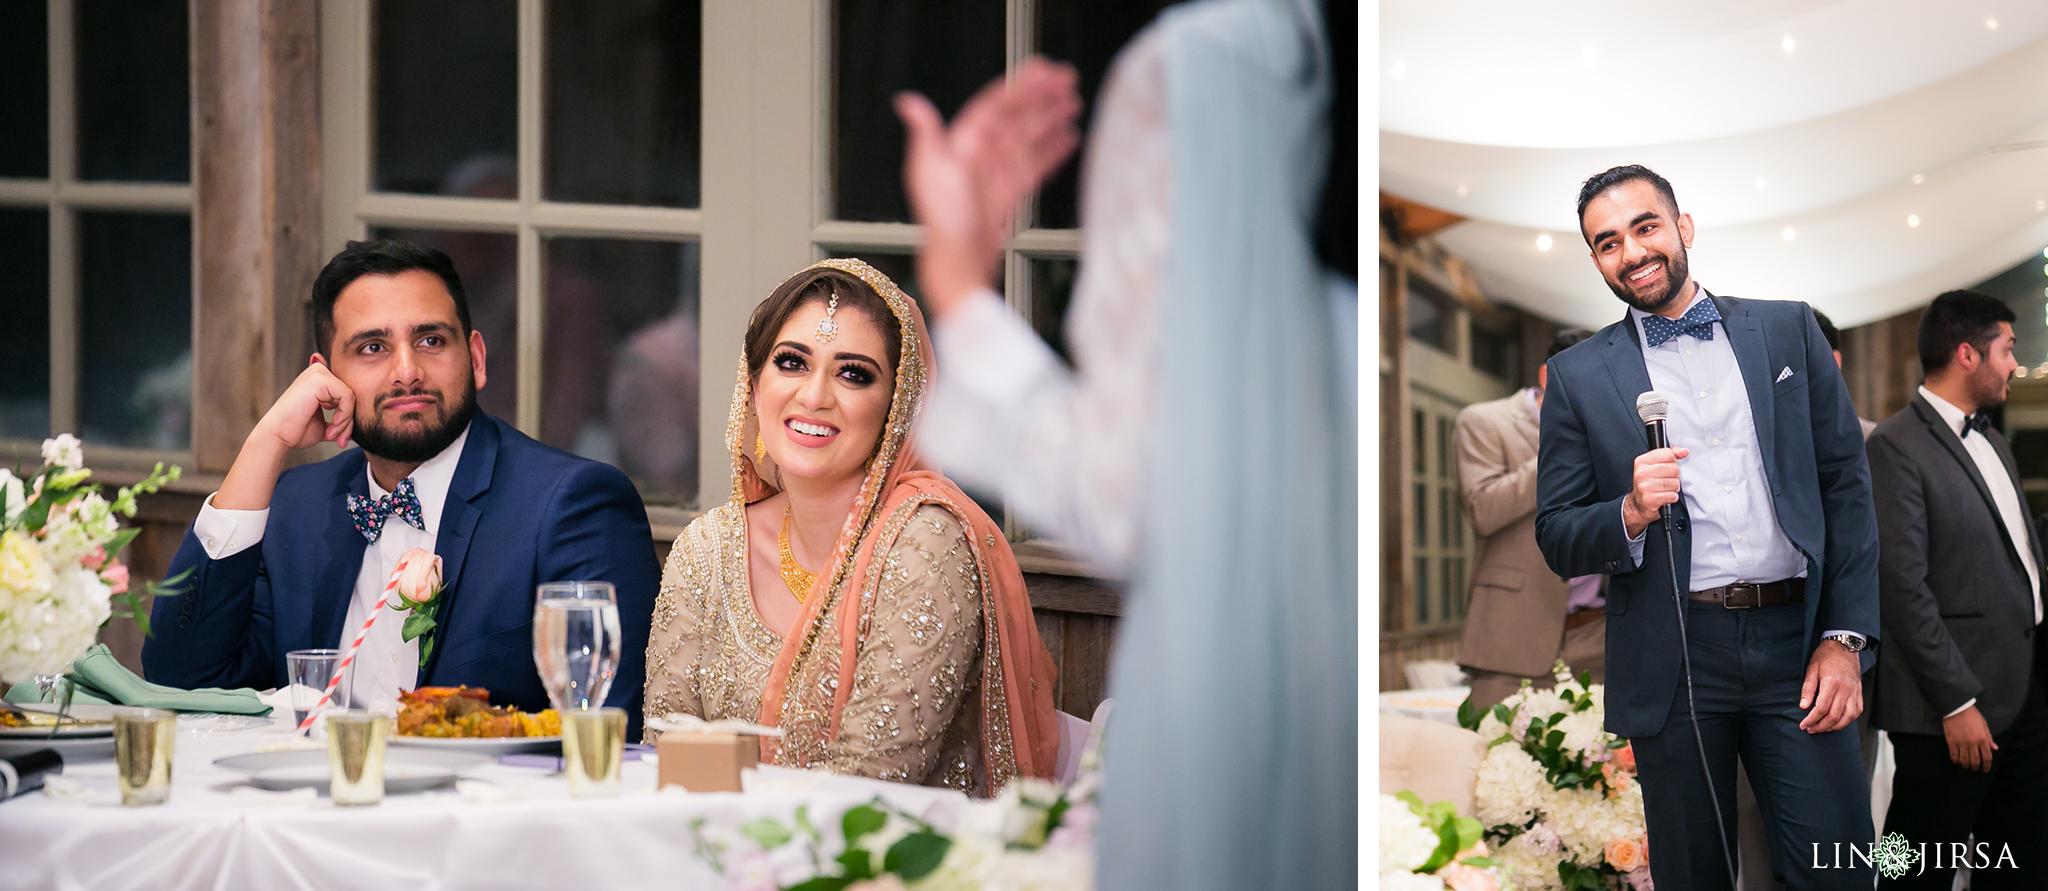 19-calamigos-ranch-muslim-wedding-photography